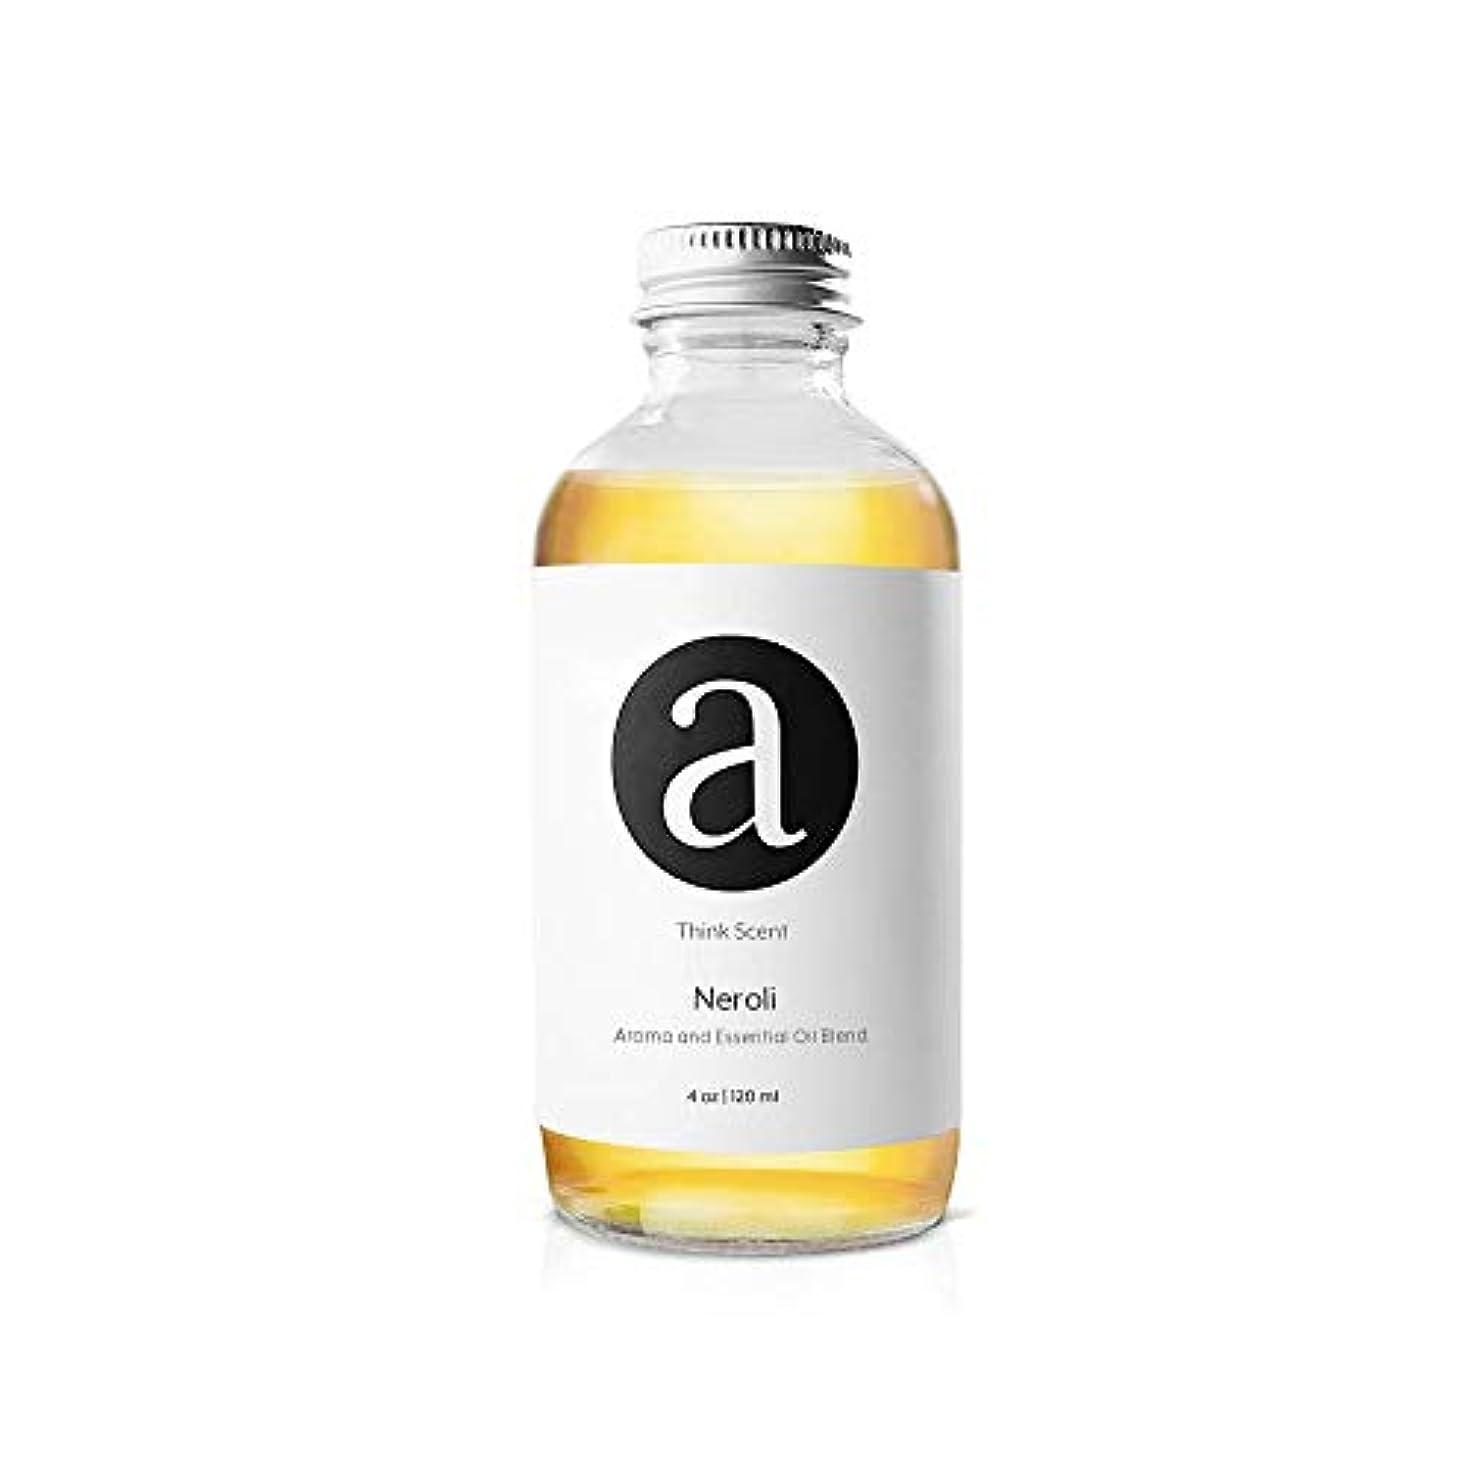 発明する最後にシャンパン(ネロリ)アロマ/ Fragrance Oil for aromatech消臭香りDiffuser 120ml